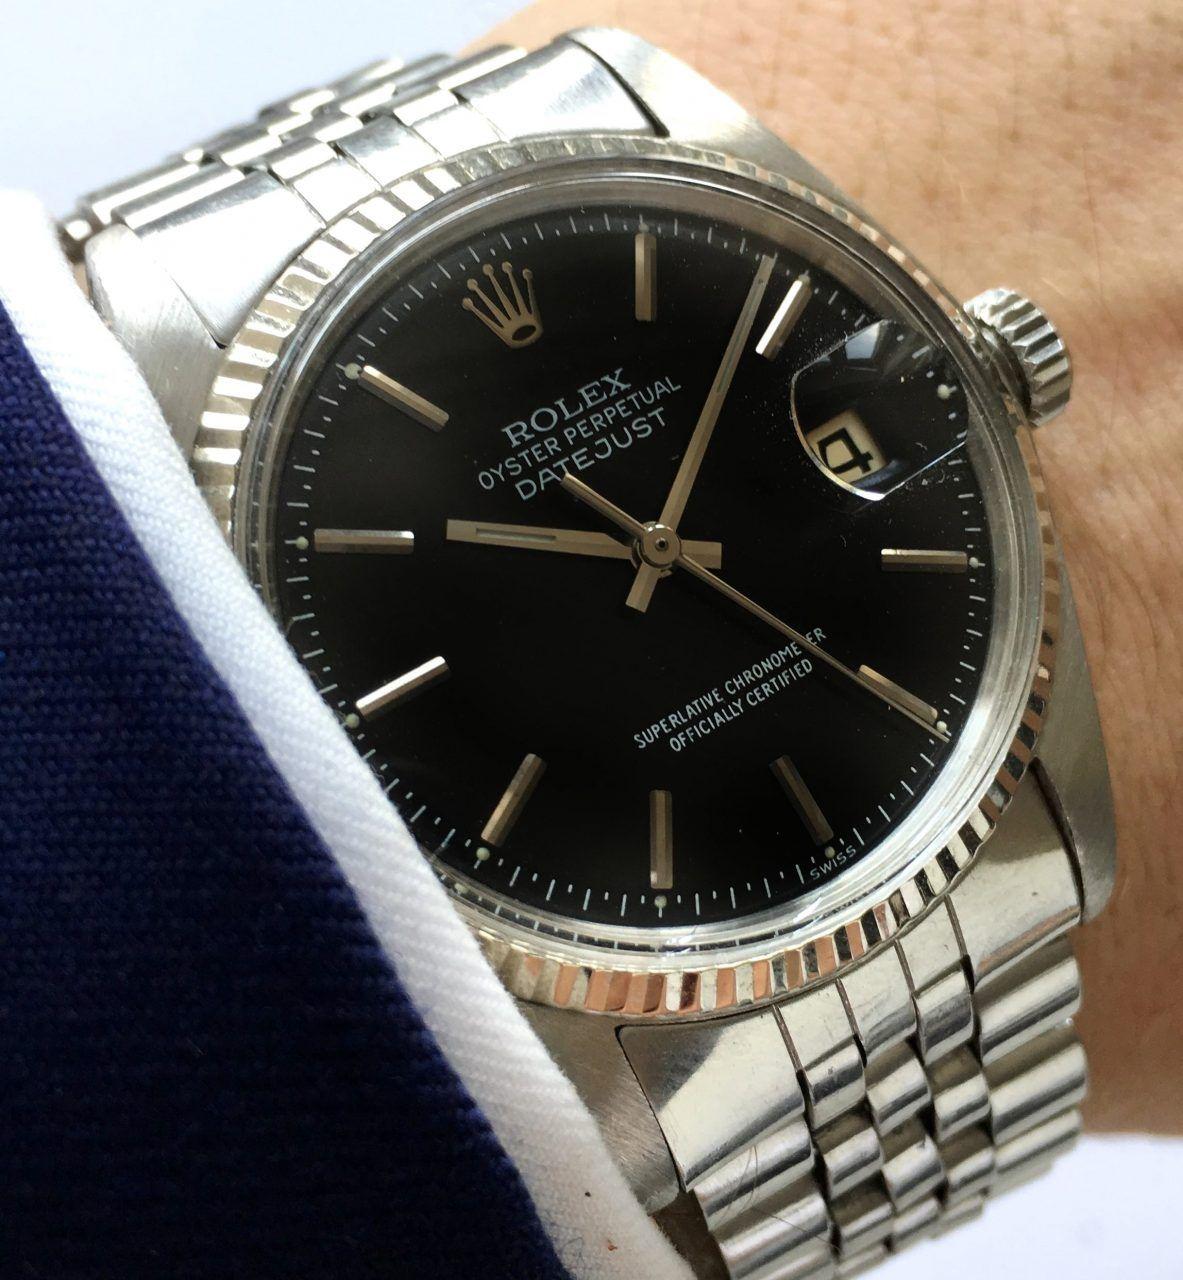 Serviced Rolex Datejust Automatic Black Dial 1601 Vintage Vintage Portfolio Rolex Watches For Men Rolex Rolex Datejust